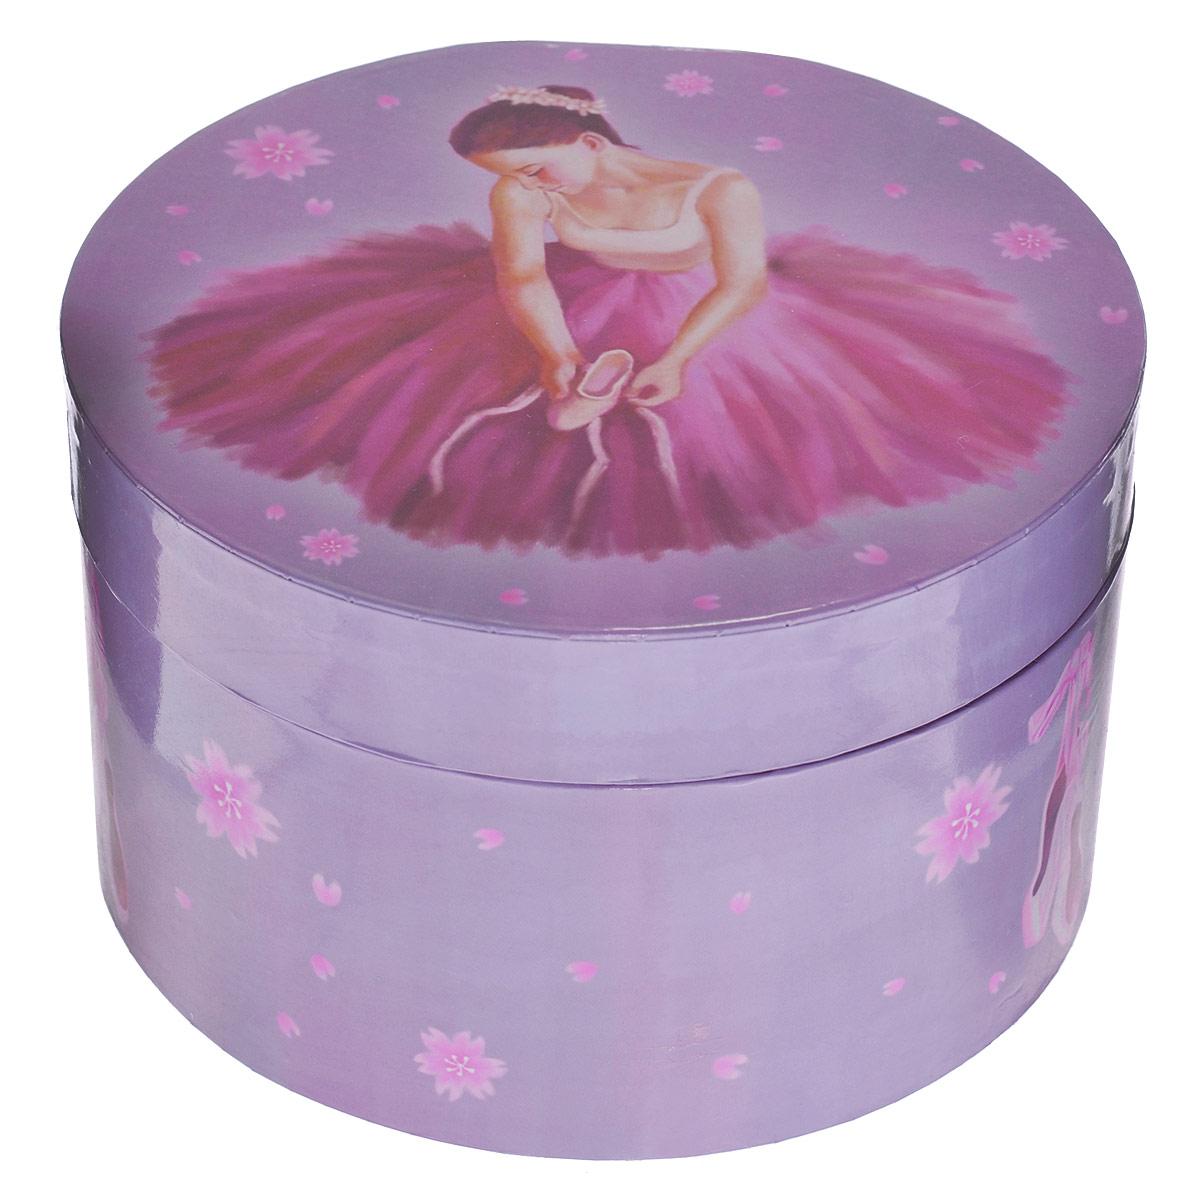 Музыкальная шкатулка Jakos  Балерина , цвет: фиолетовый, розовый -  Предметы интерьера